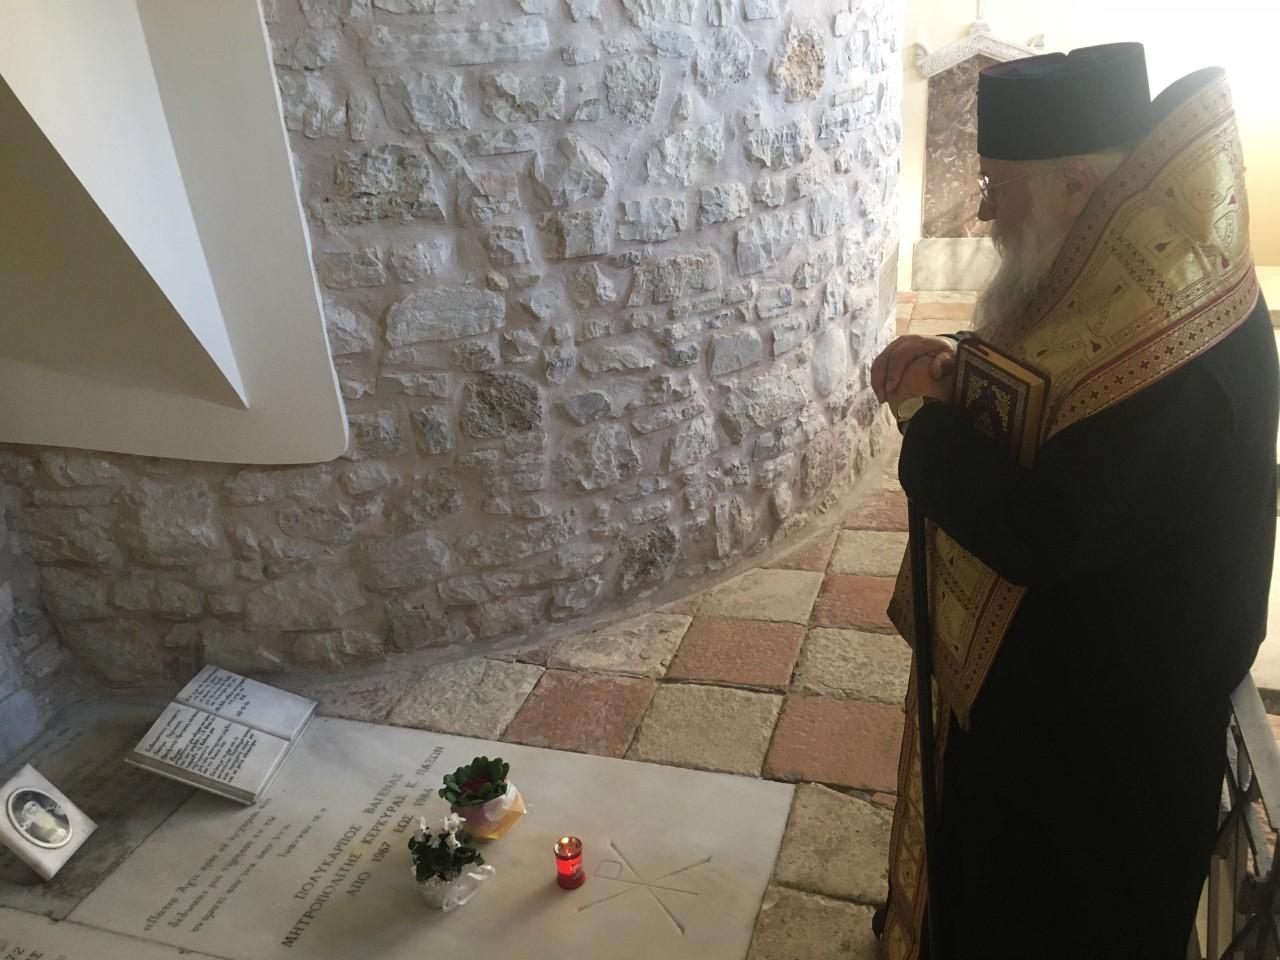 Μνήμη Μητροπολίτου Αγίου Πολυκάρπου του Κερκύρας